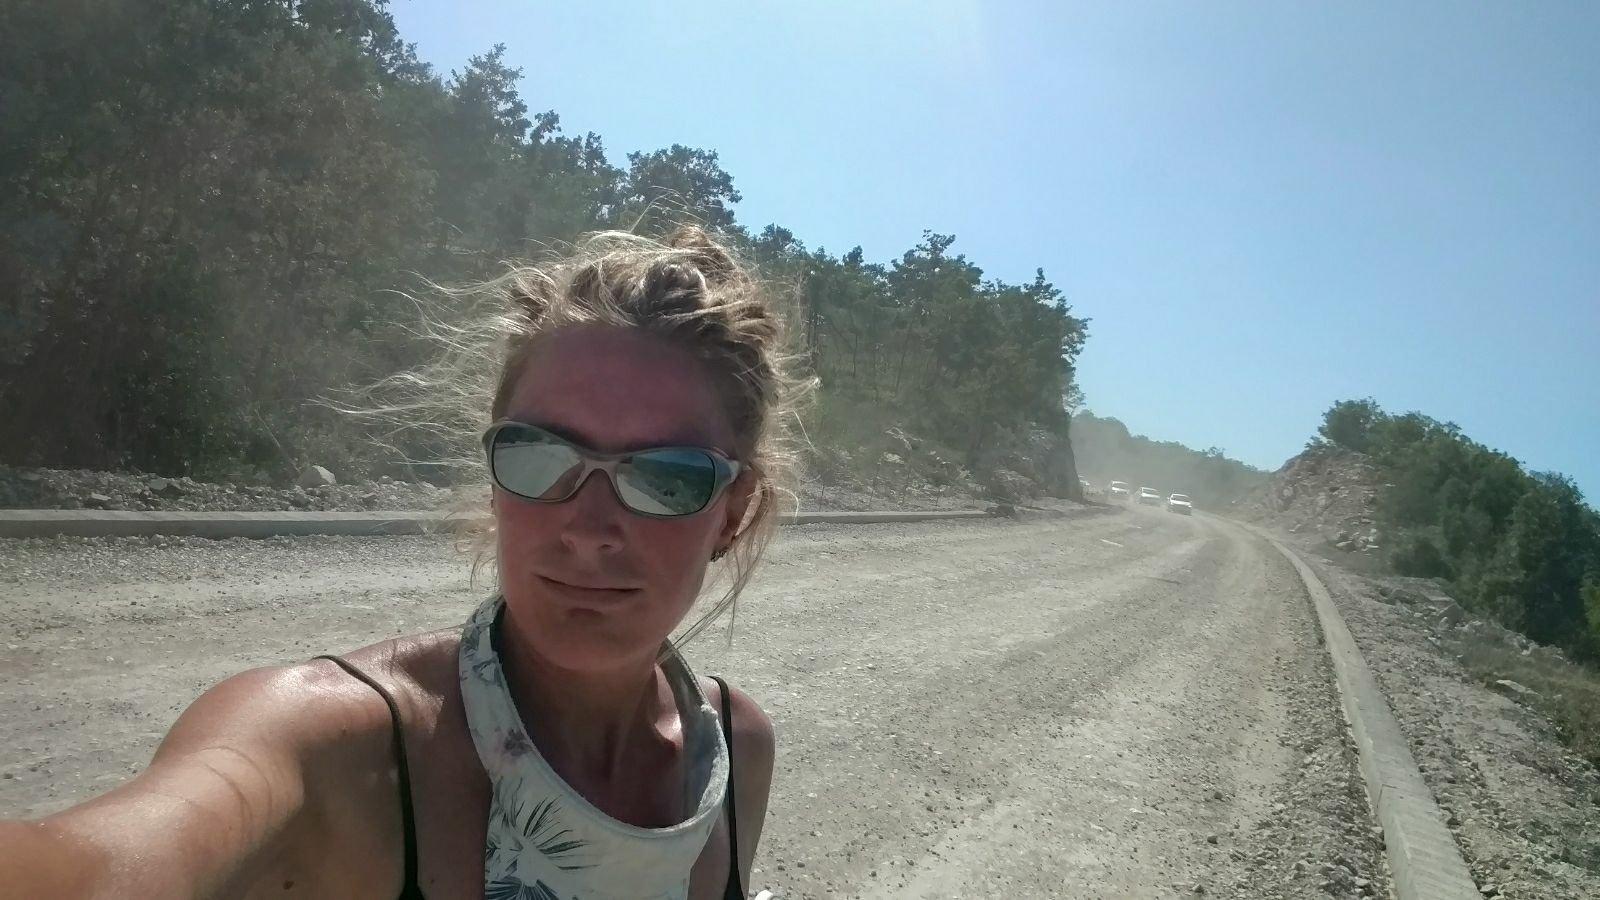 Downside of female solo biking